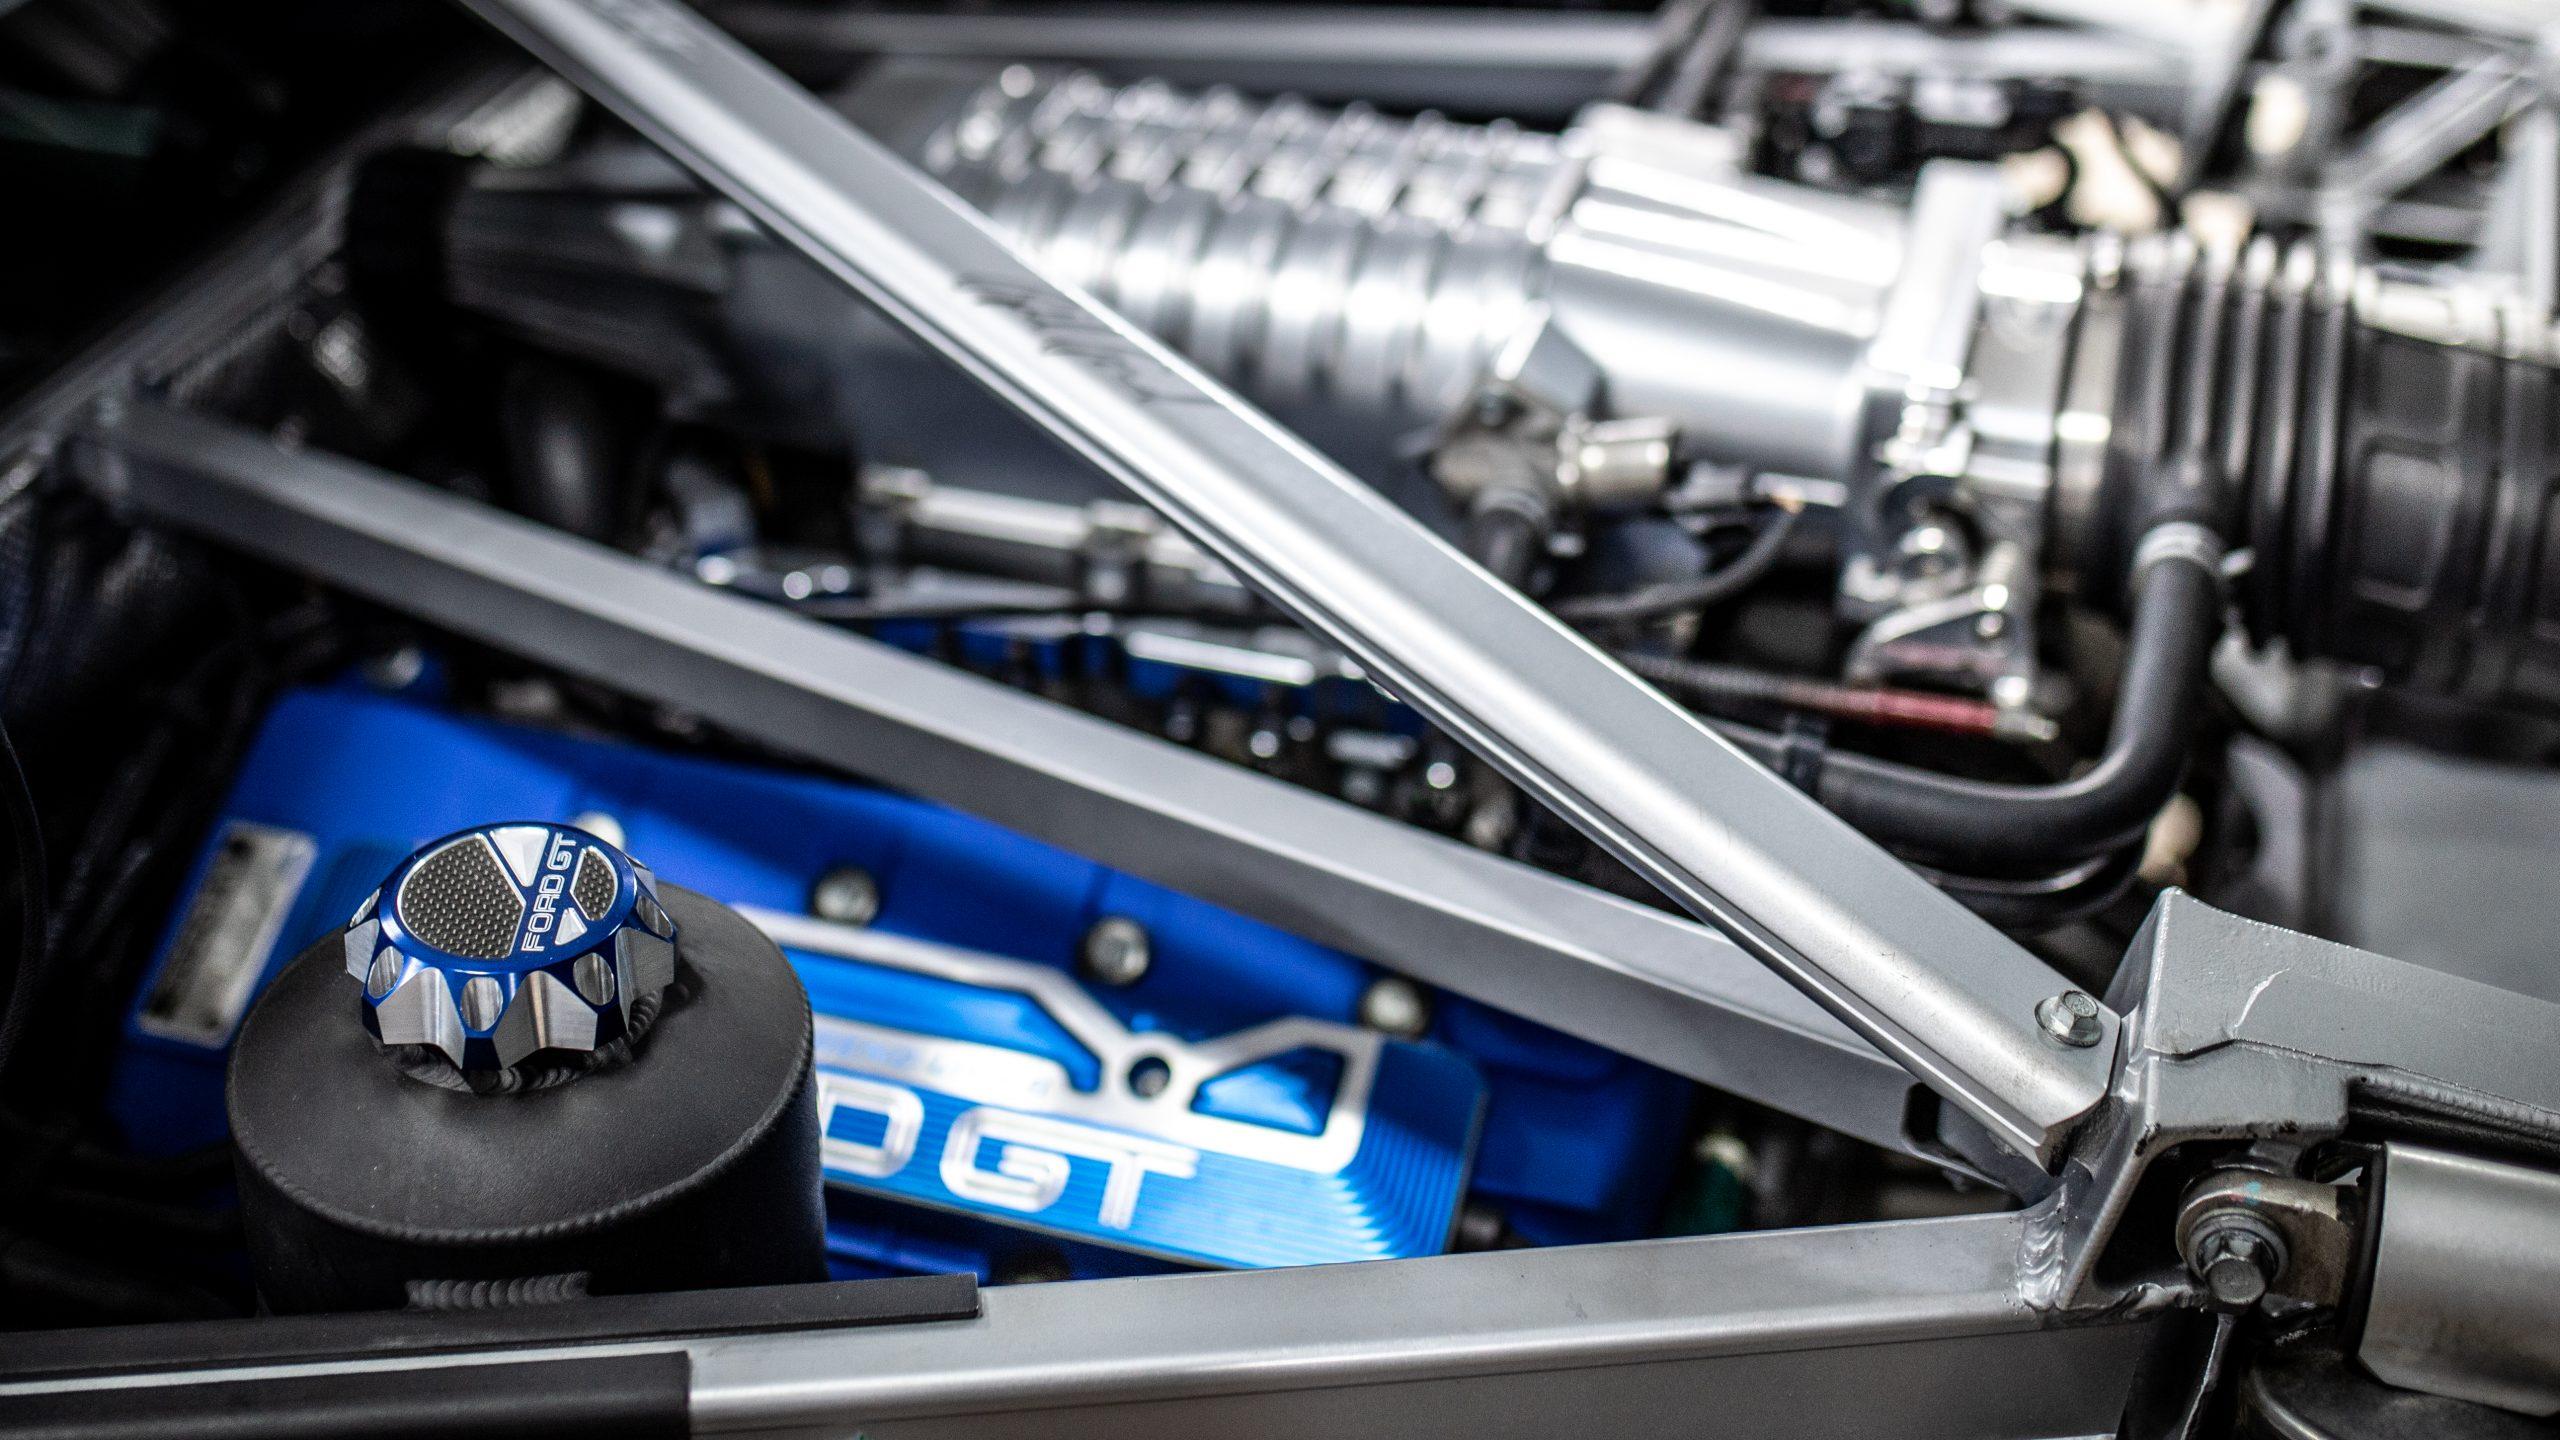 GT Resto Shop engine bay detail